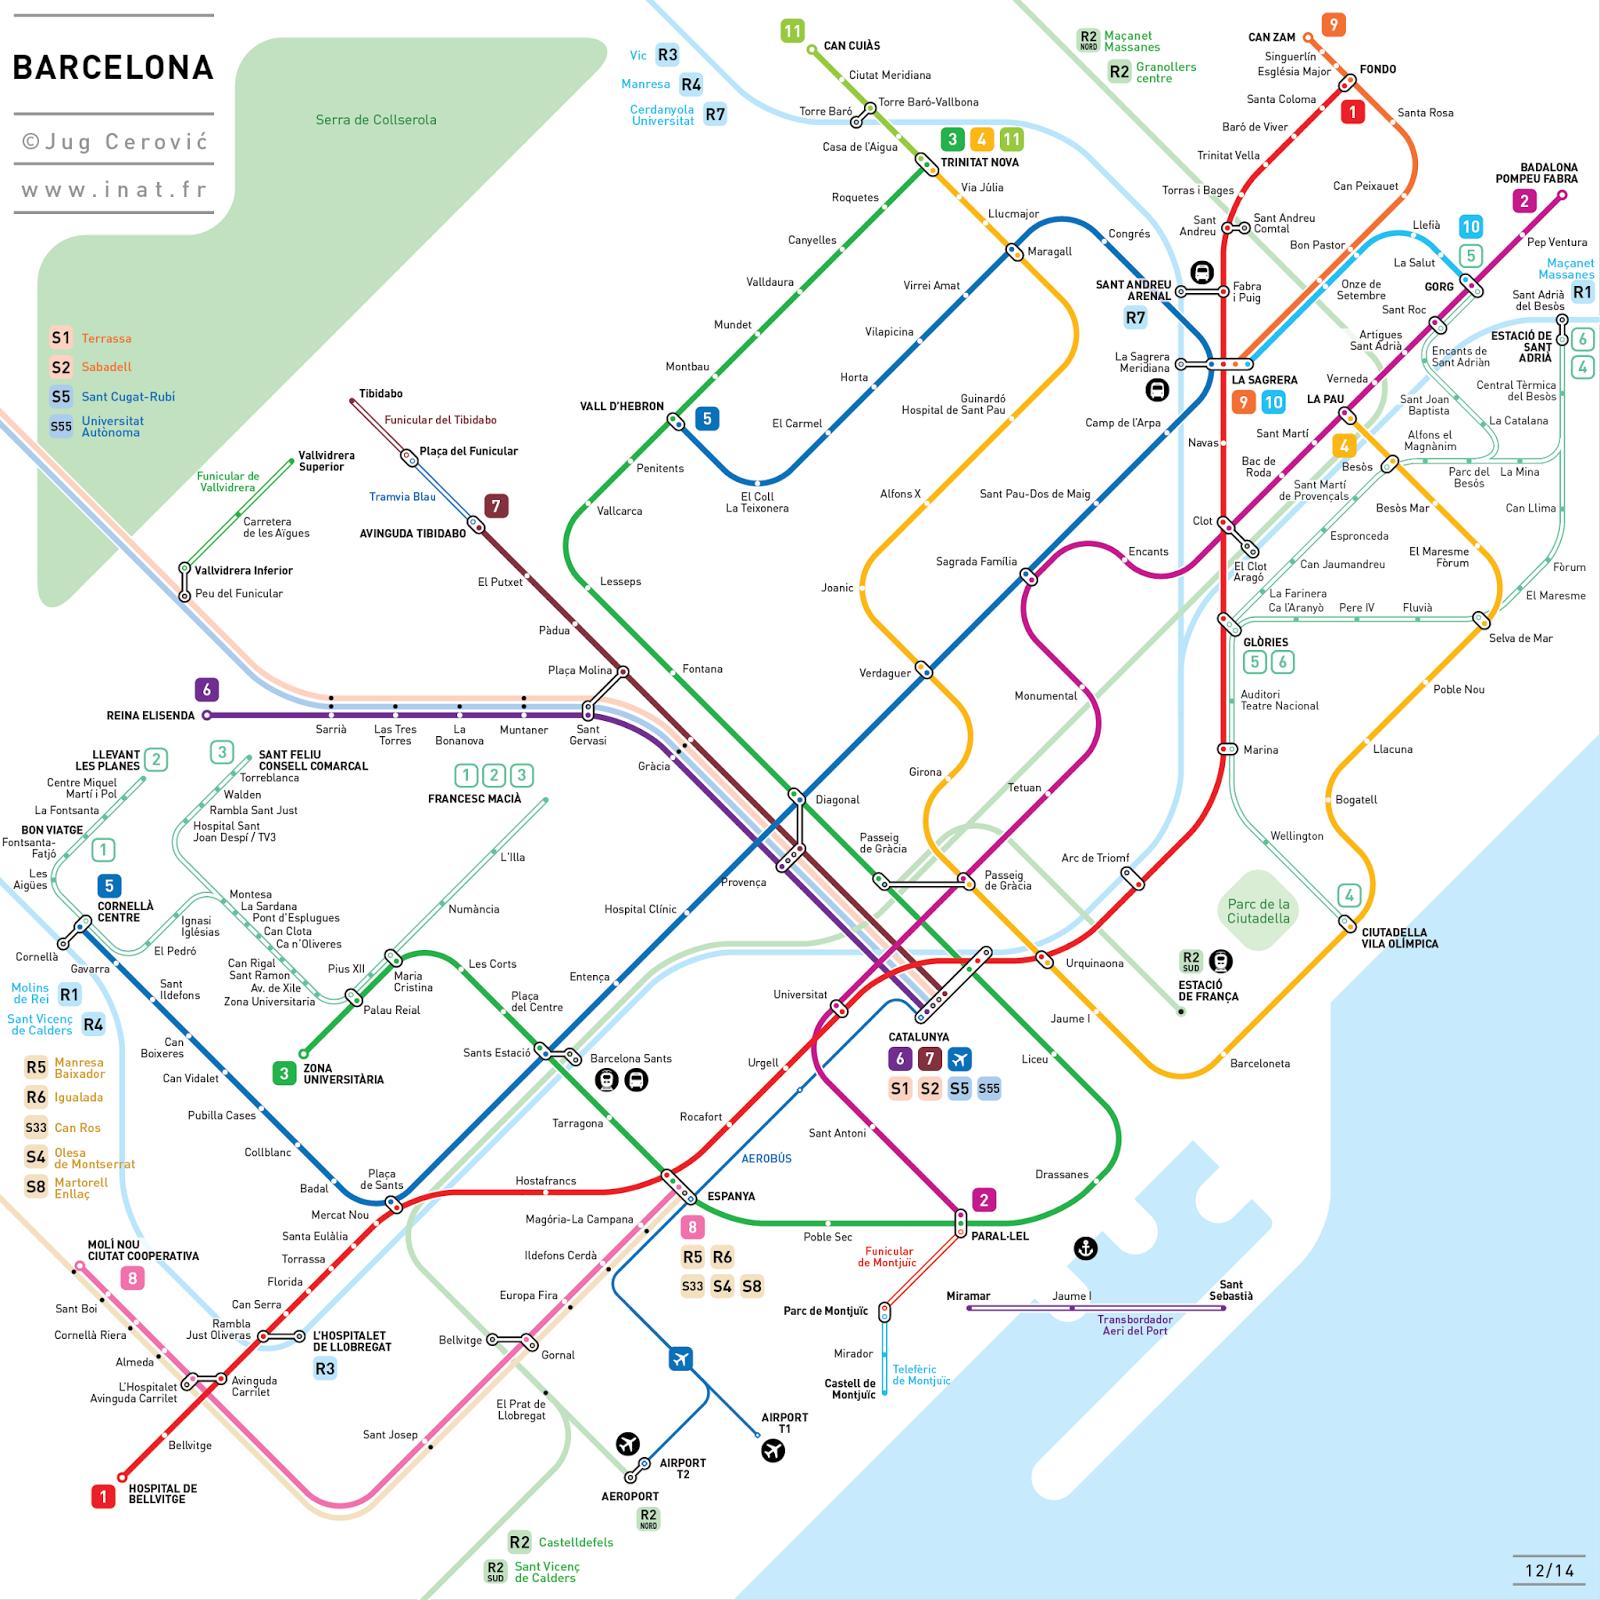 Barcelona's Railway System by Jug Cerović